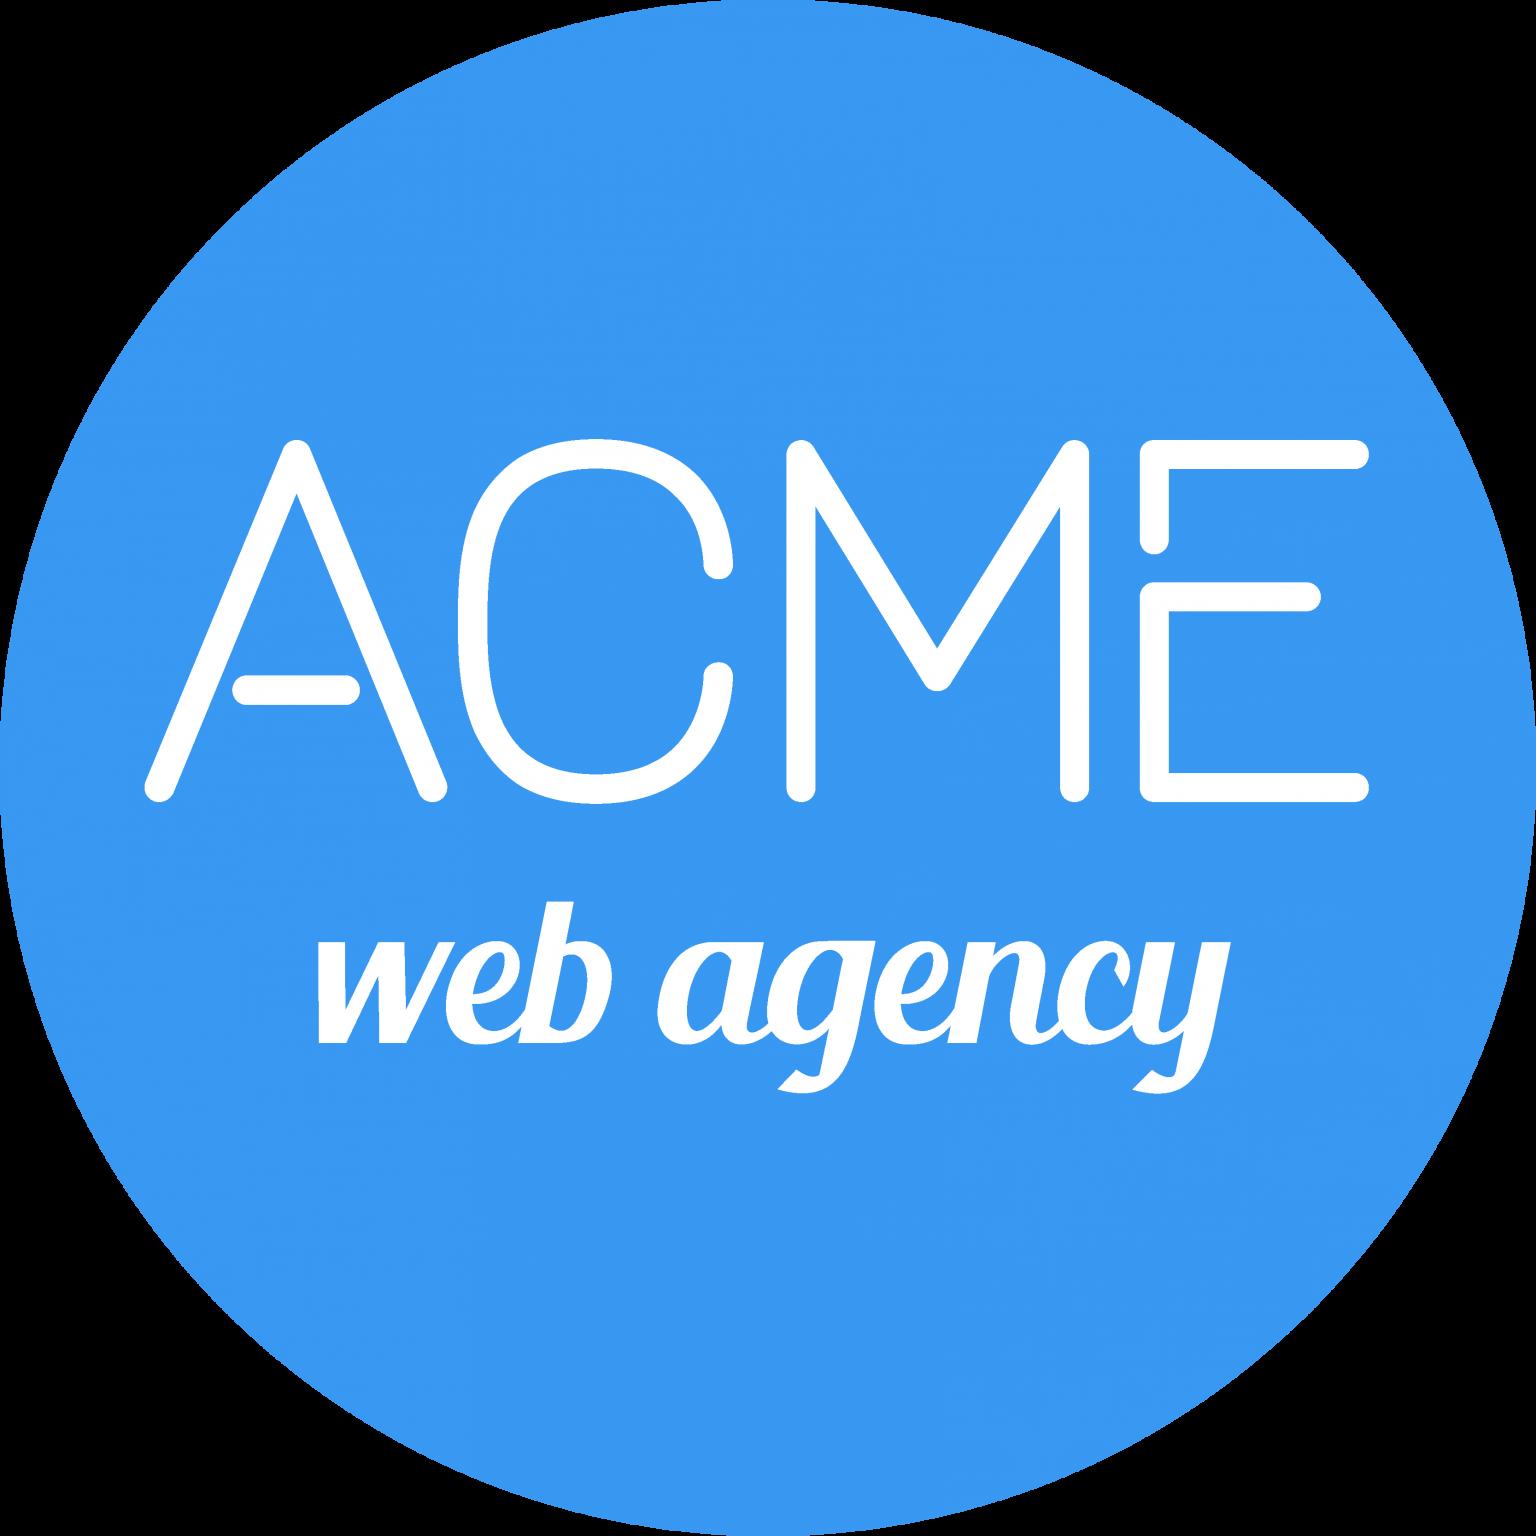 Santa Barbara SEO Company, Santa Barbara SEO Agency, Acme Web Agency